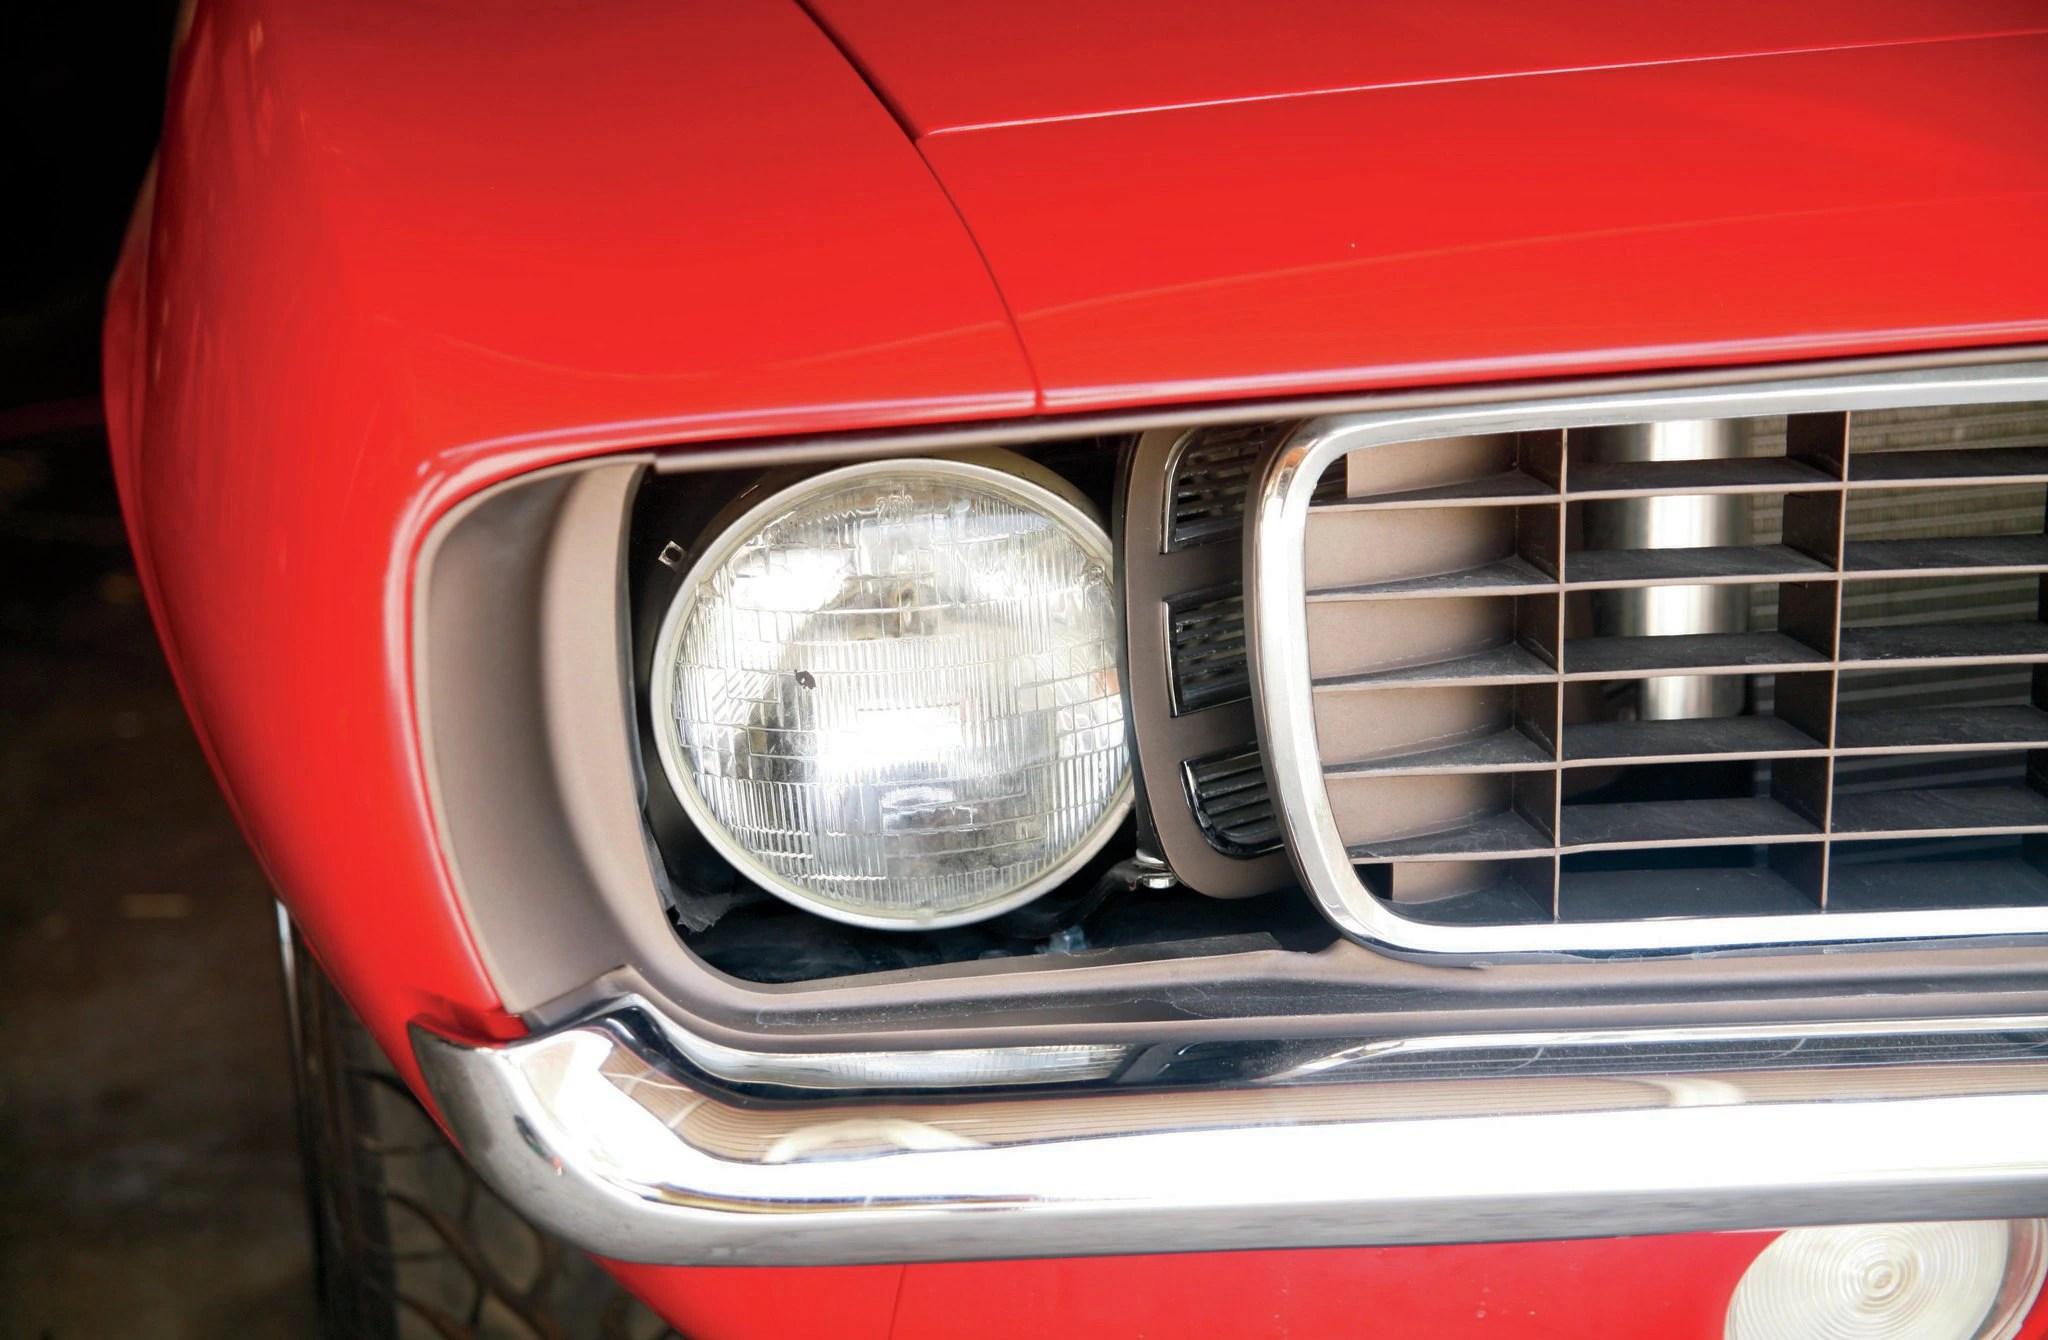 1969 chevy camaro rs headlight dse doors installed [ 2048 x 1340 Pixel ]